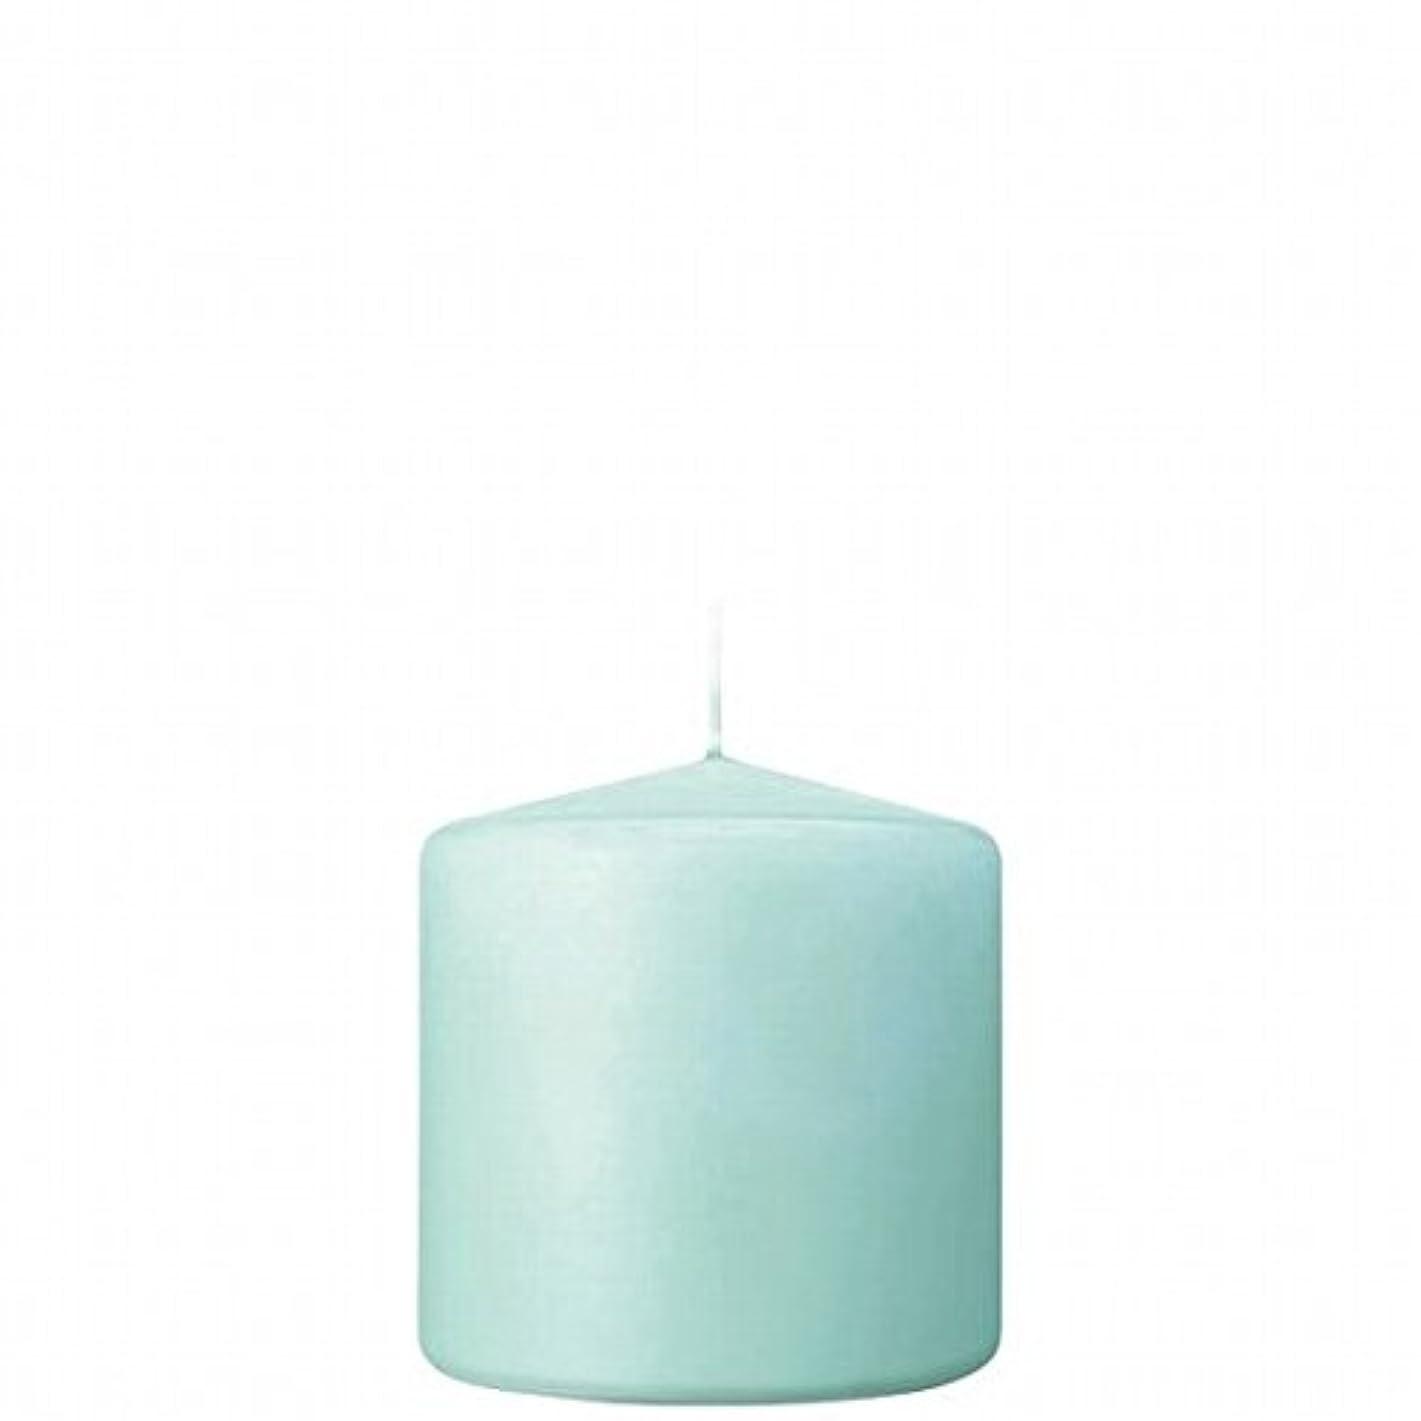 壮大な先生反発するkameyama candle(カメヤマキャンドル) 3×3ベルトップピラーキャンドル 「 ライトブルー 」(A9730000LB)